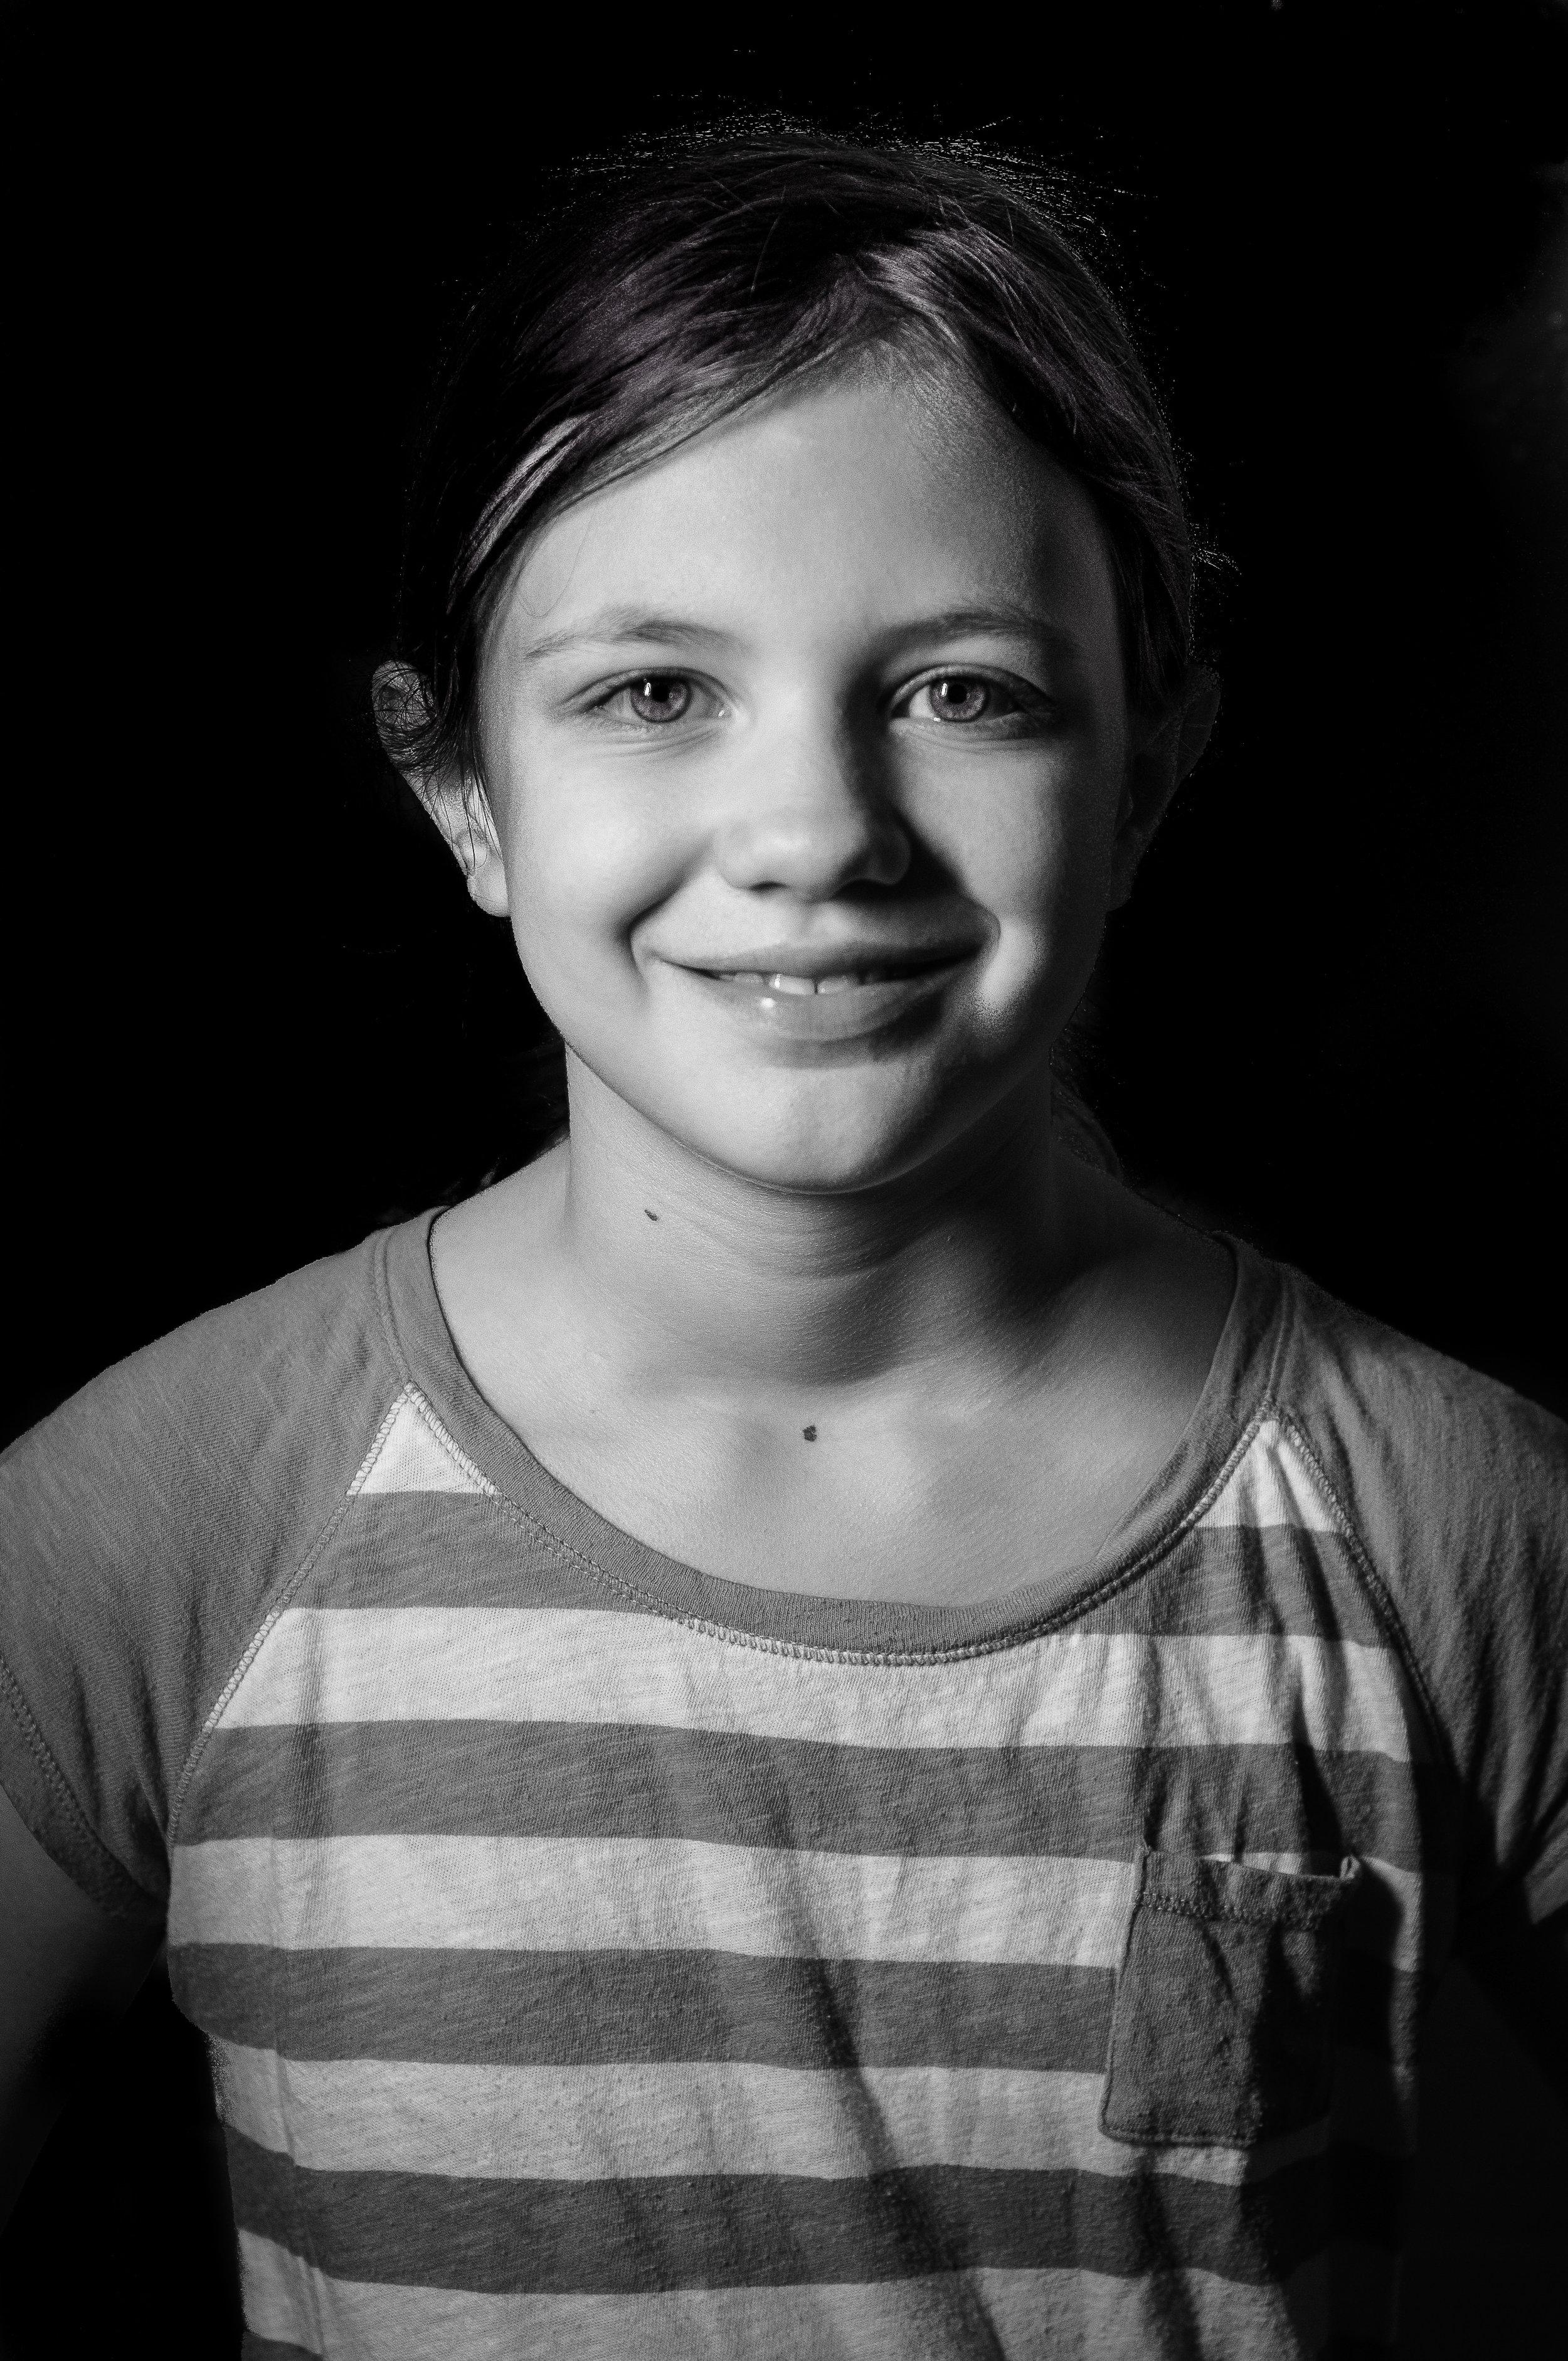 Samantha Kurtz